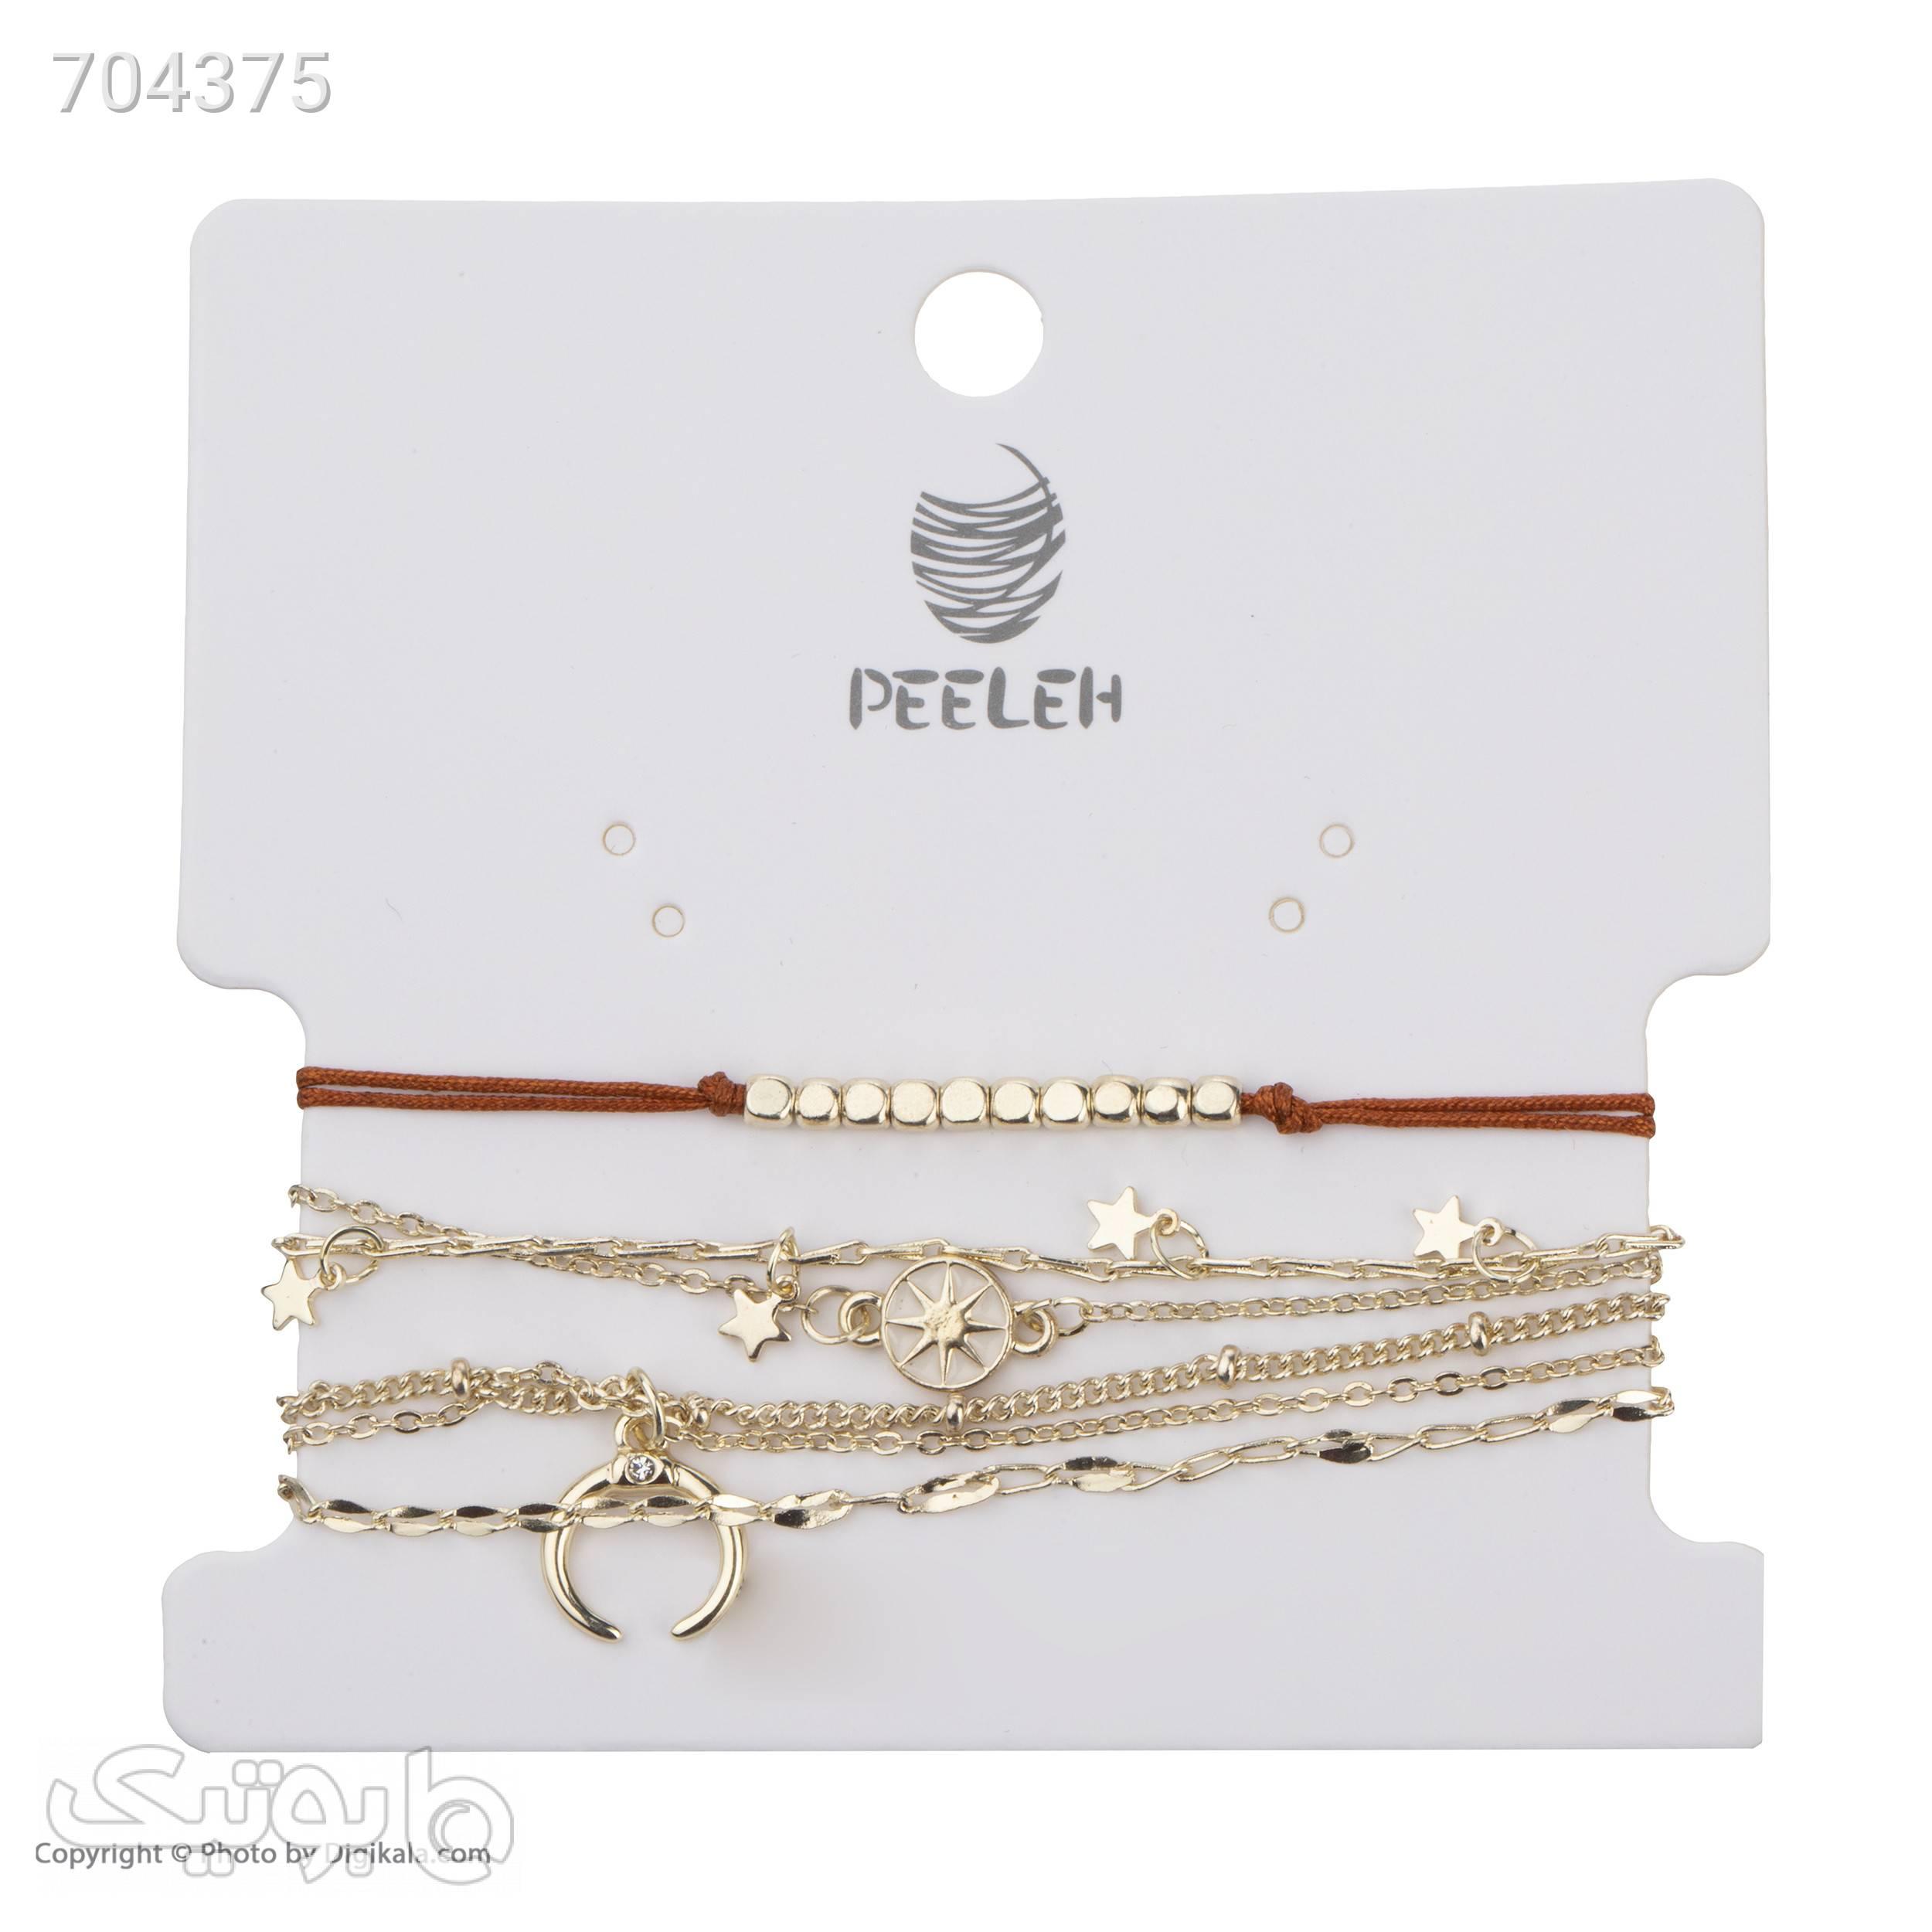 دستبند زنانه پیله کد 3مجموعه 5 عددی نقره ای دستبند و پابند